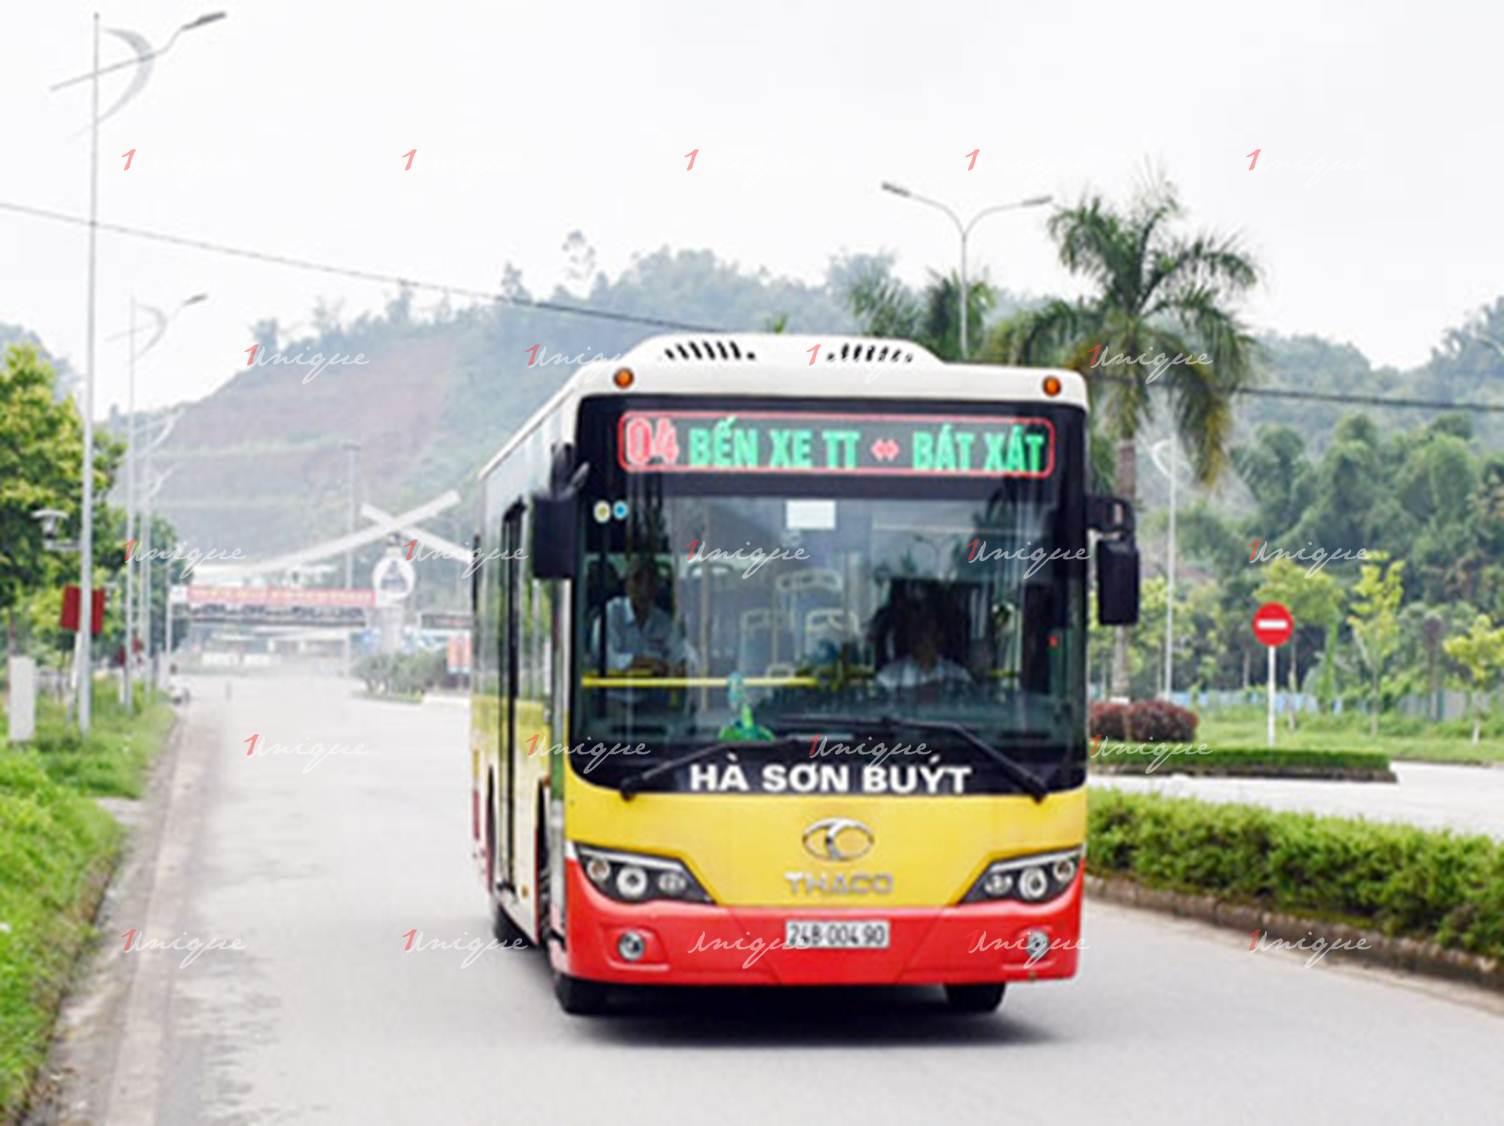 Quảng cáo xe bus tại Lào Cai